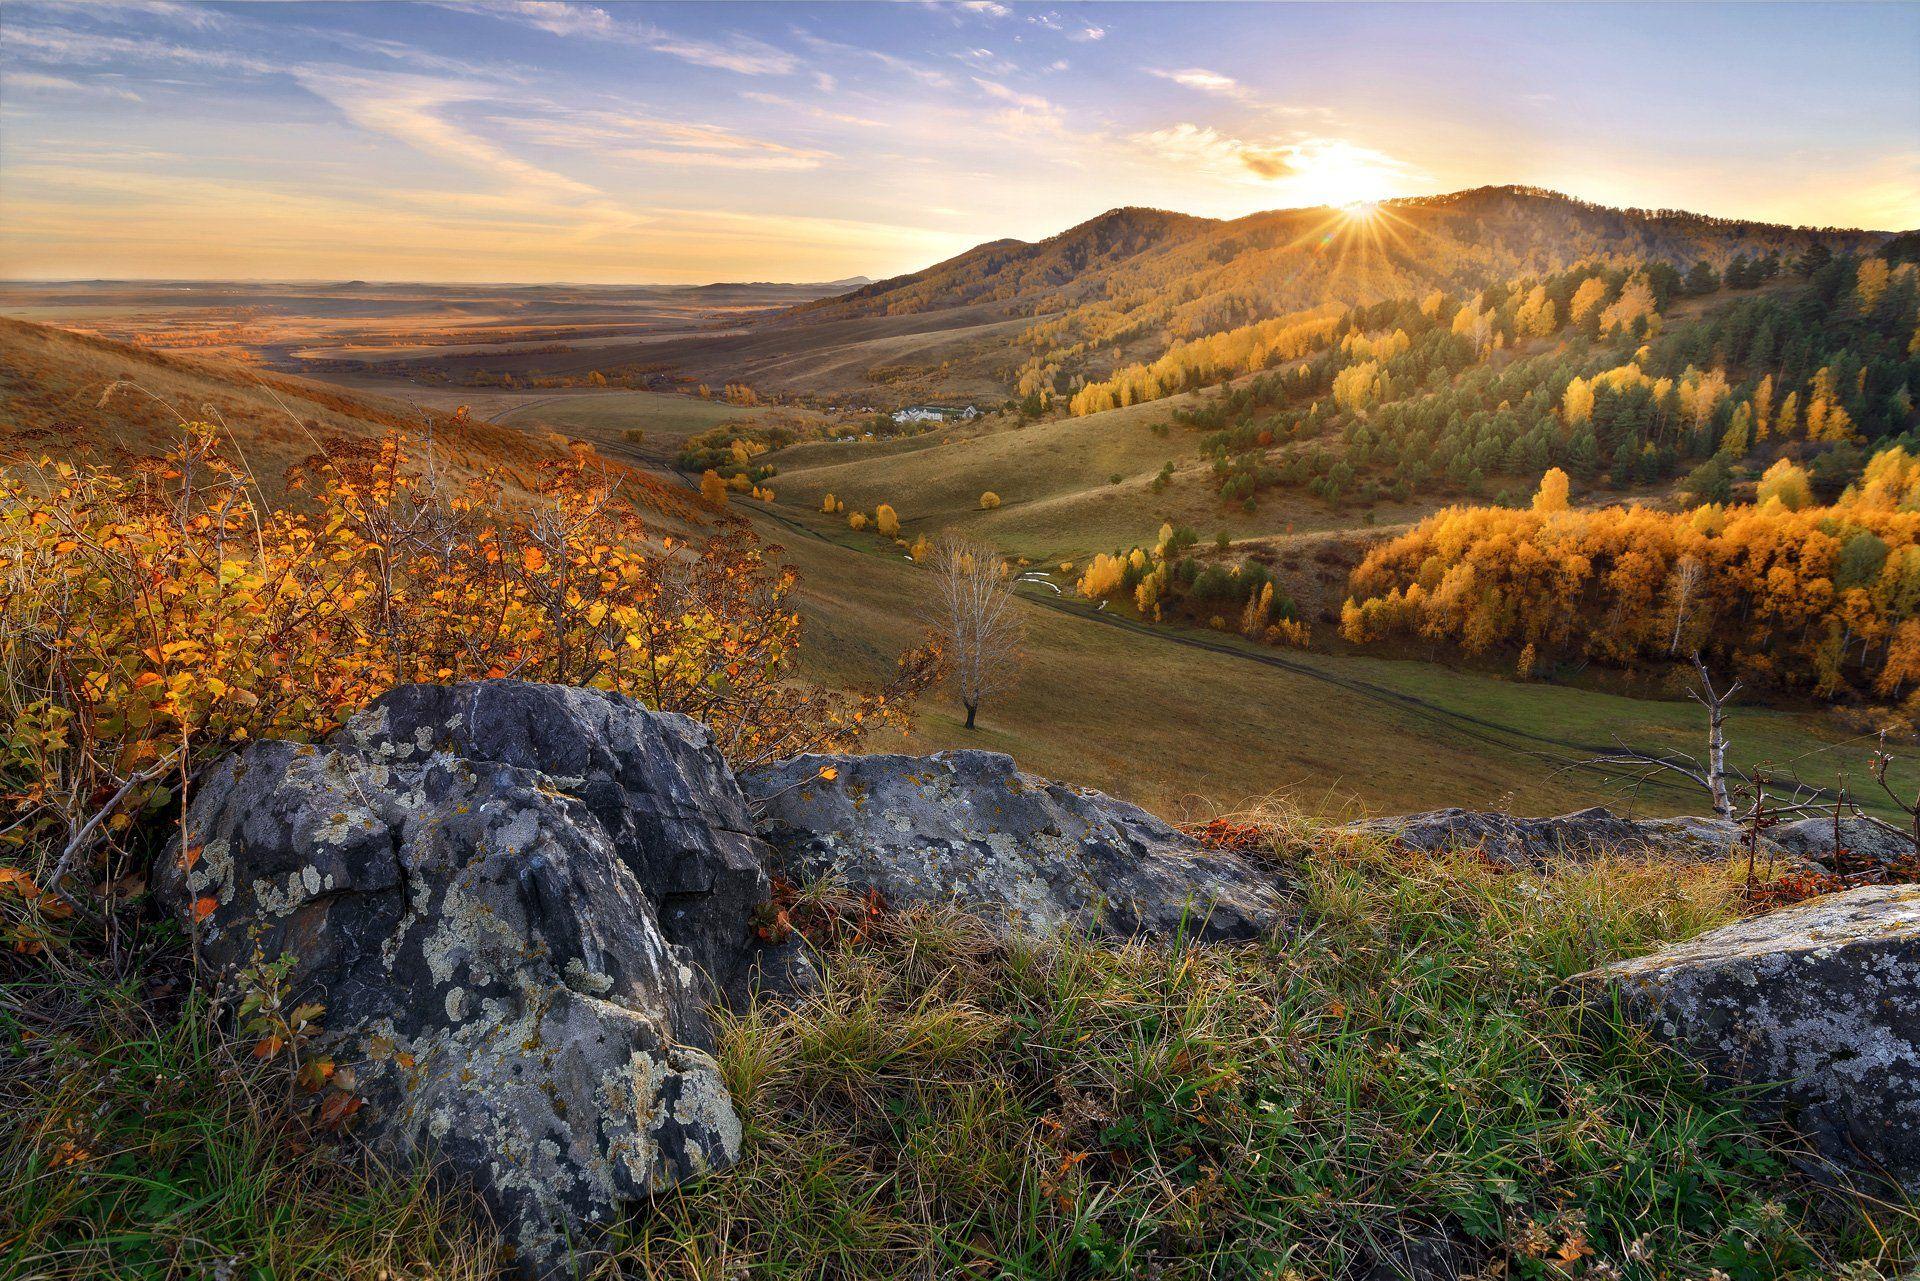 утро, восход, скалы, горы, заря, солнце, алтай, белокуриха, осень, лес, желтый, Павел Силиненко